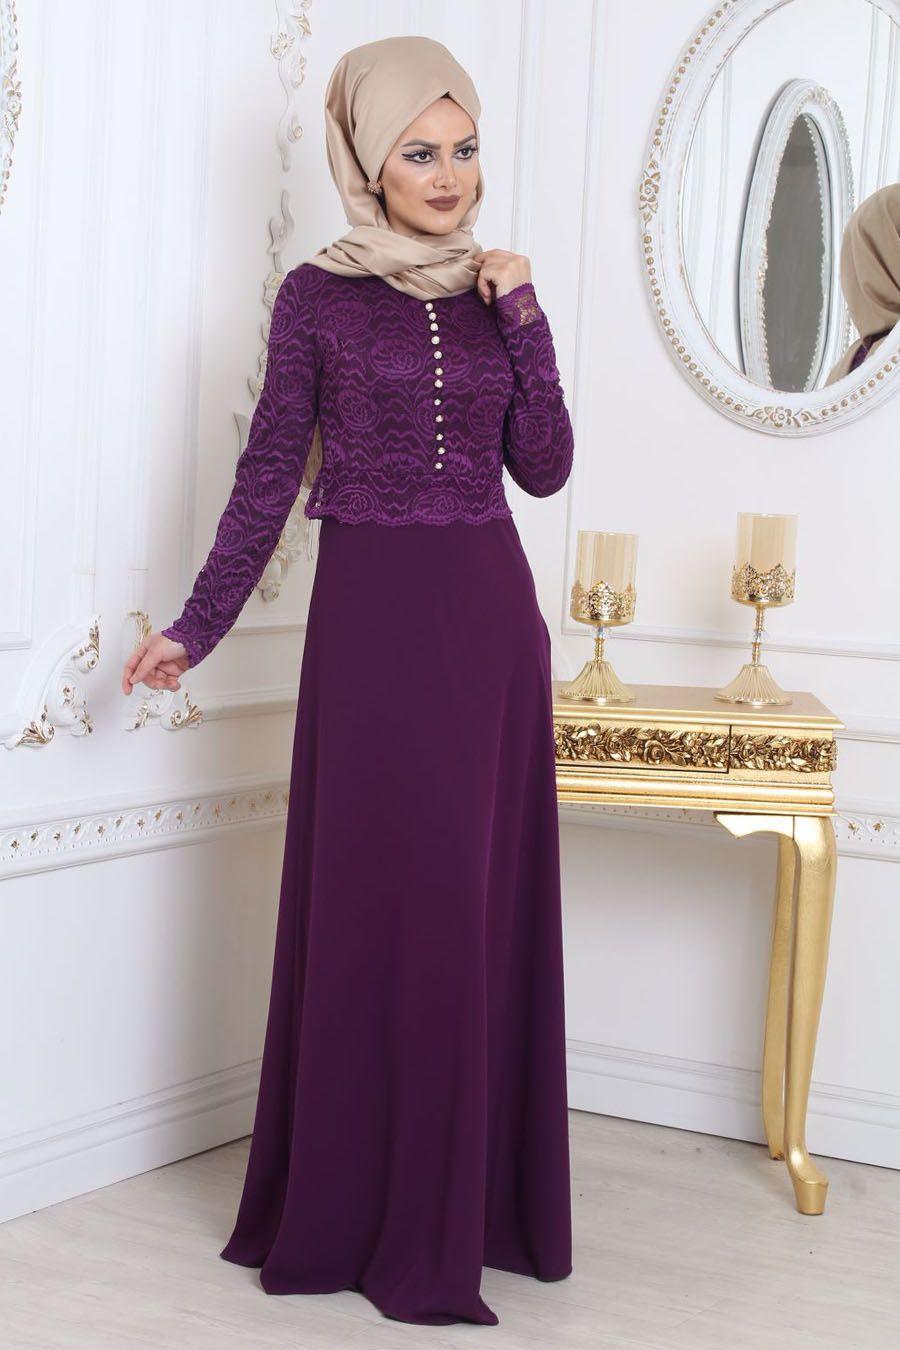 8a3af980b1e8f Tesettürlü Abiye Elbise - Üzeri Dantelli Mor Tesettür Abiye Elbise 78590MOR  #tesetturisland #tesettur #